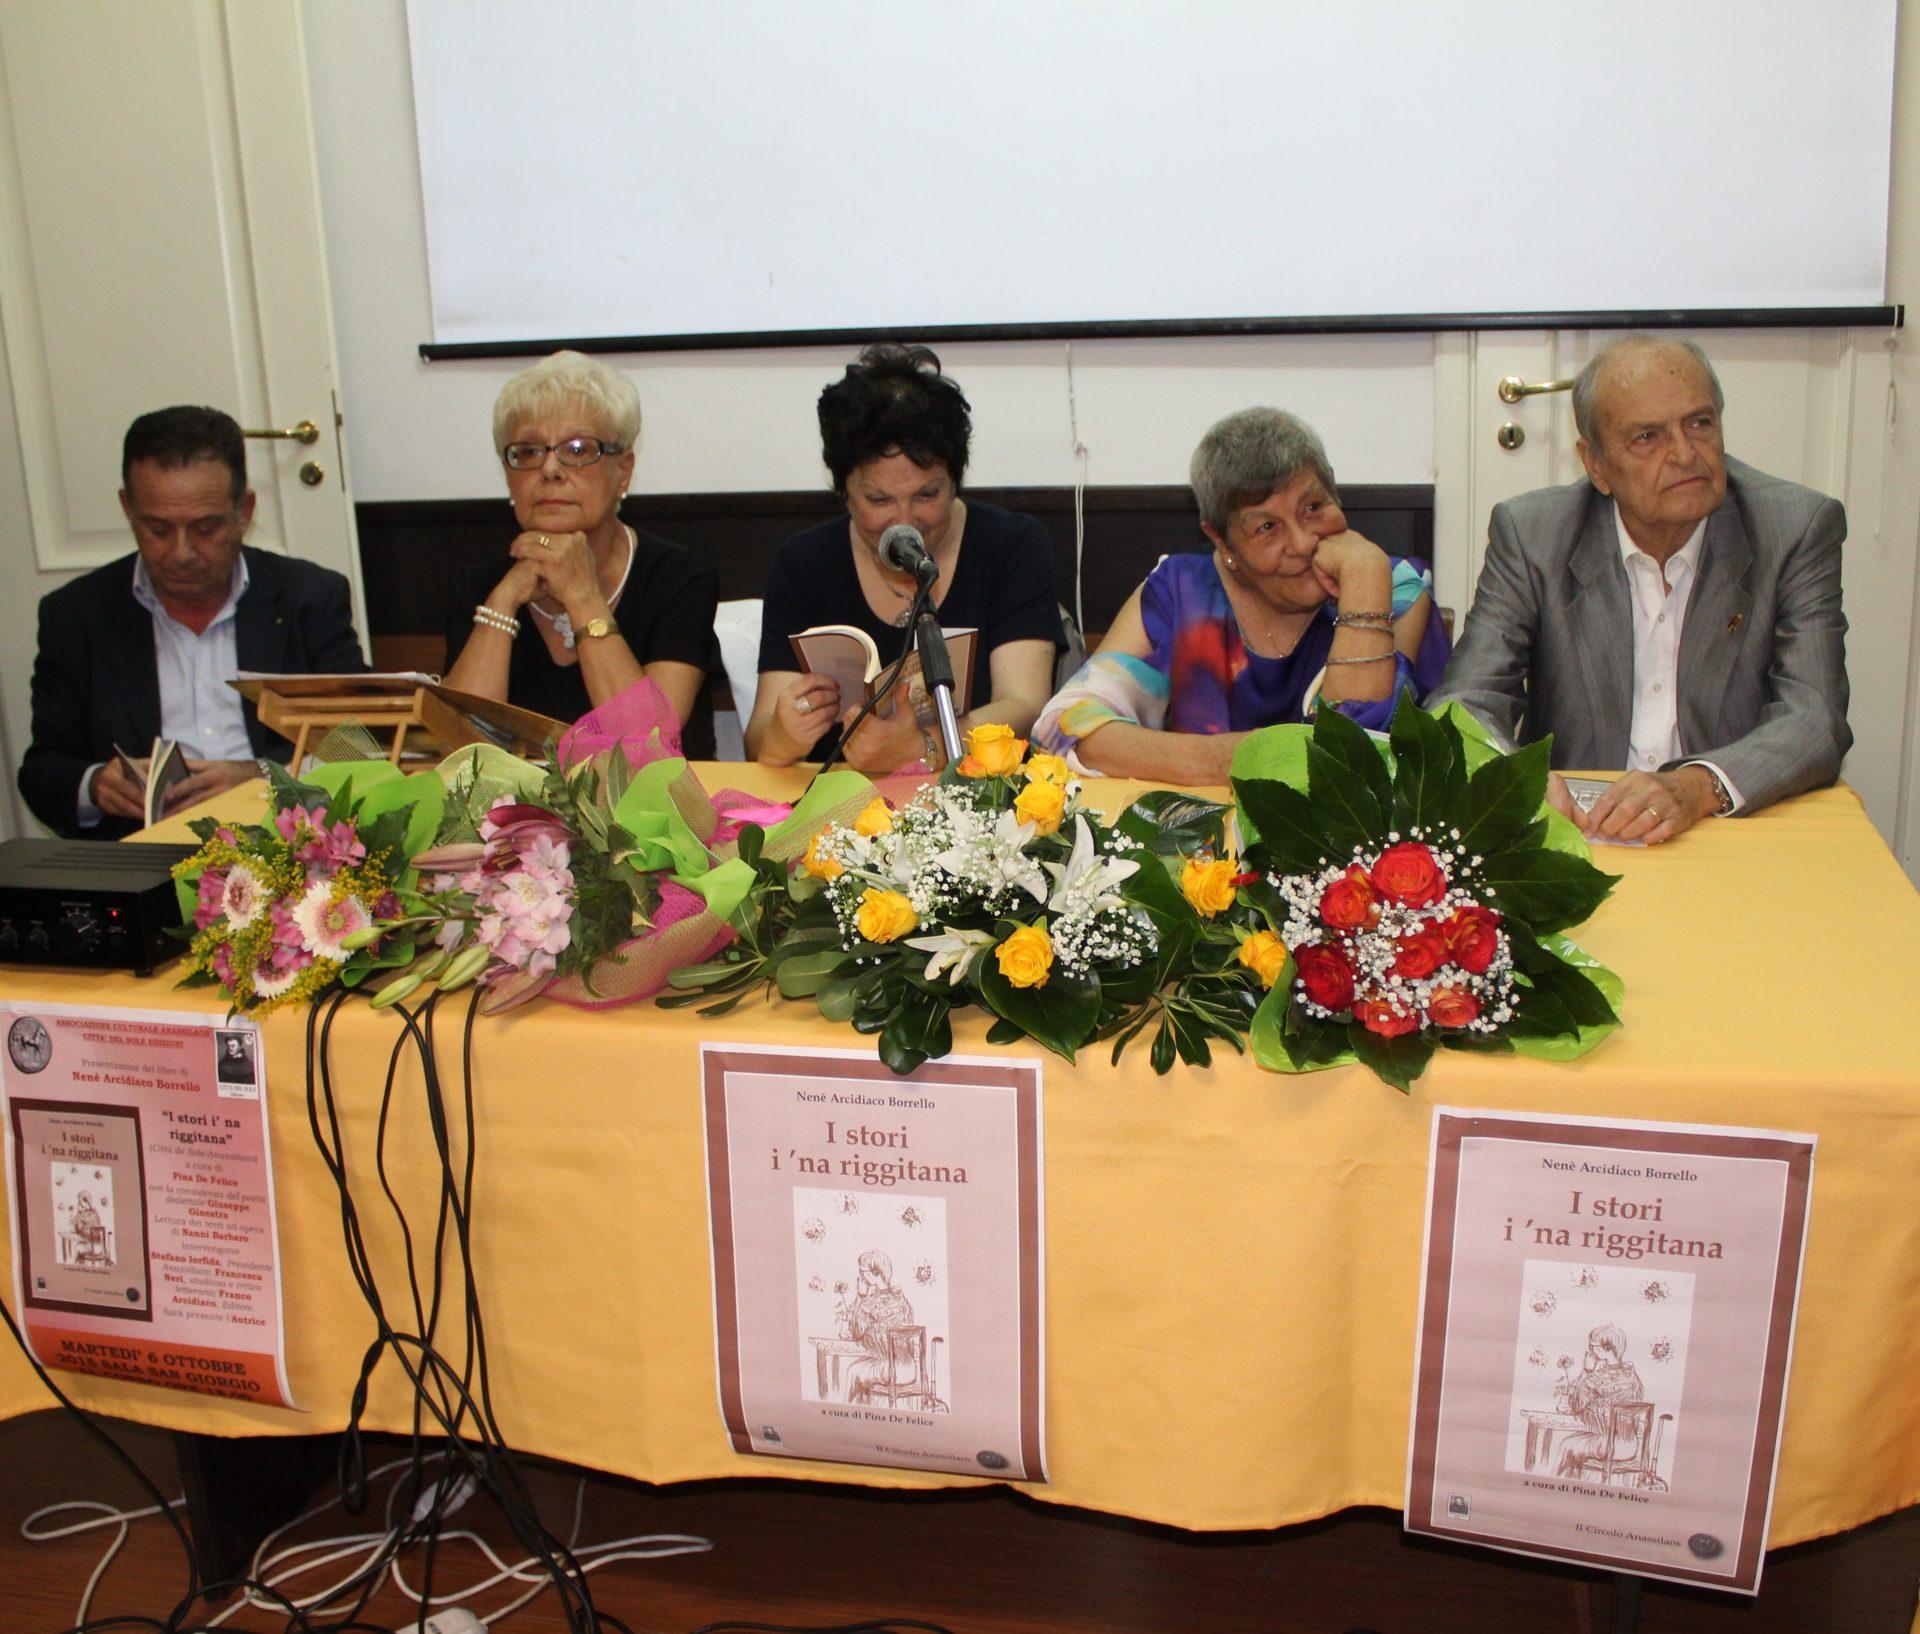 Arte, l'associazione Anassilaos rende omaggio a Nenè Arcidiaco Borrello